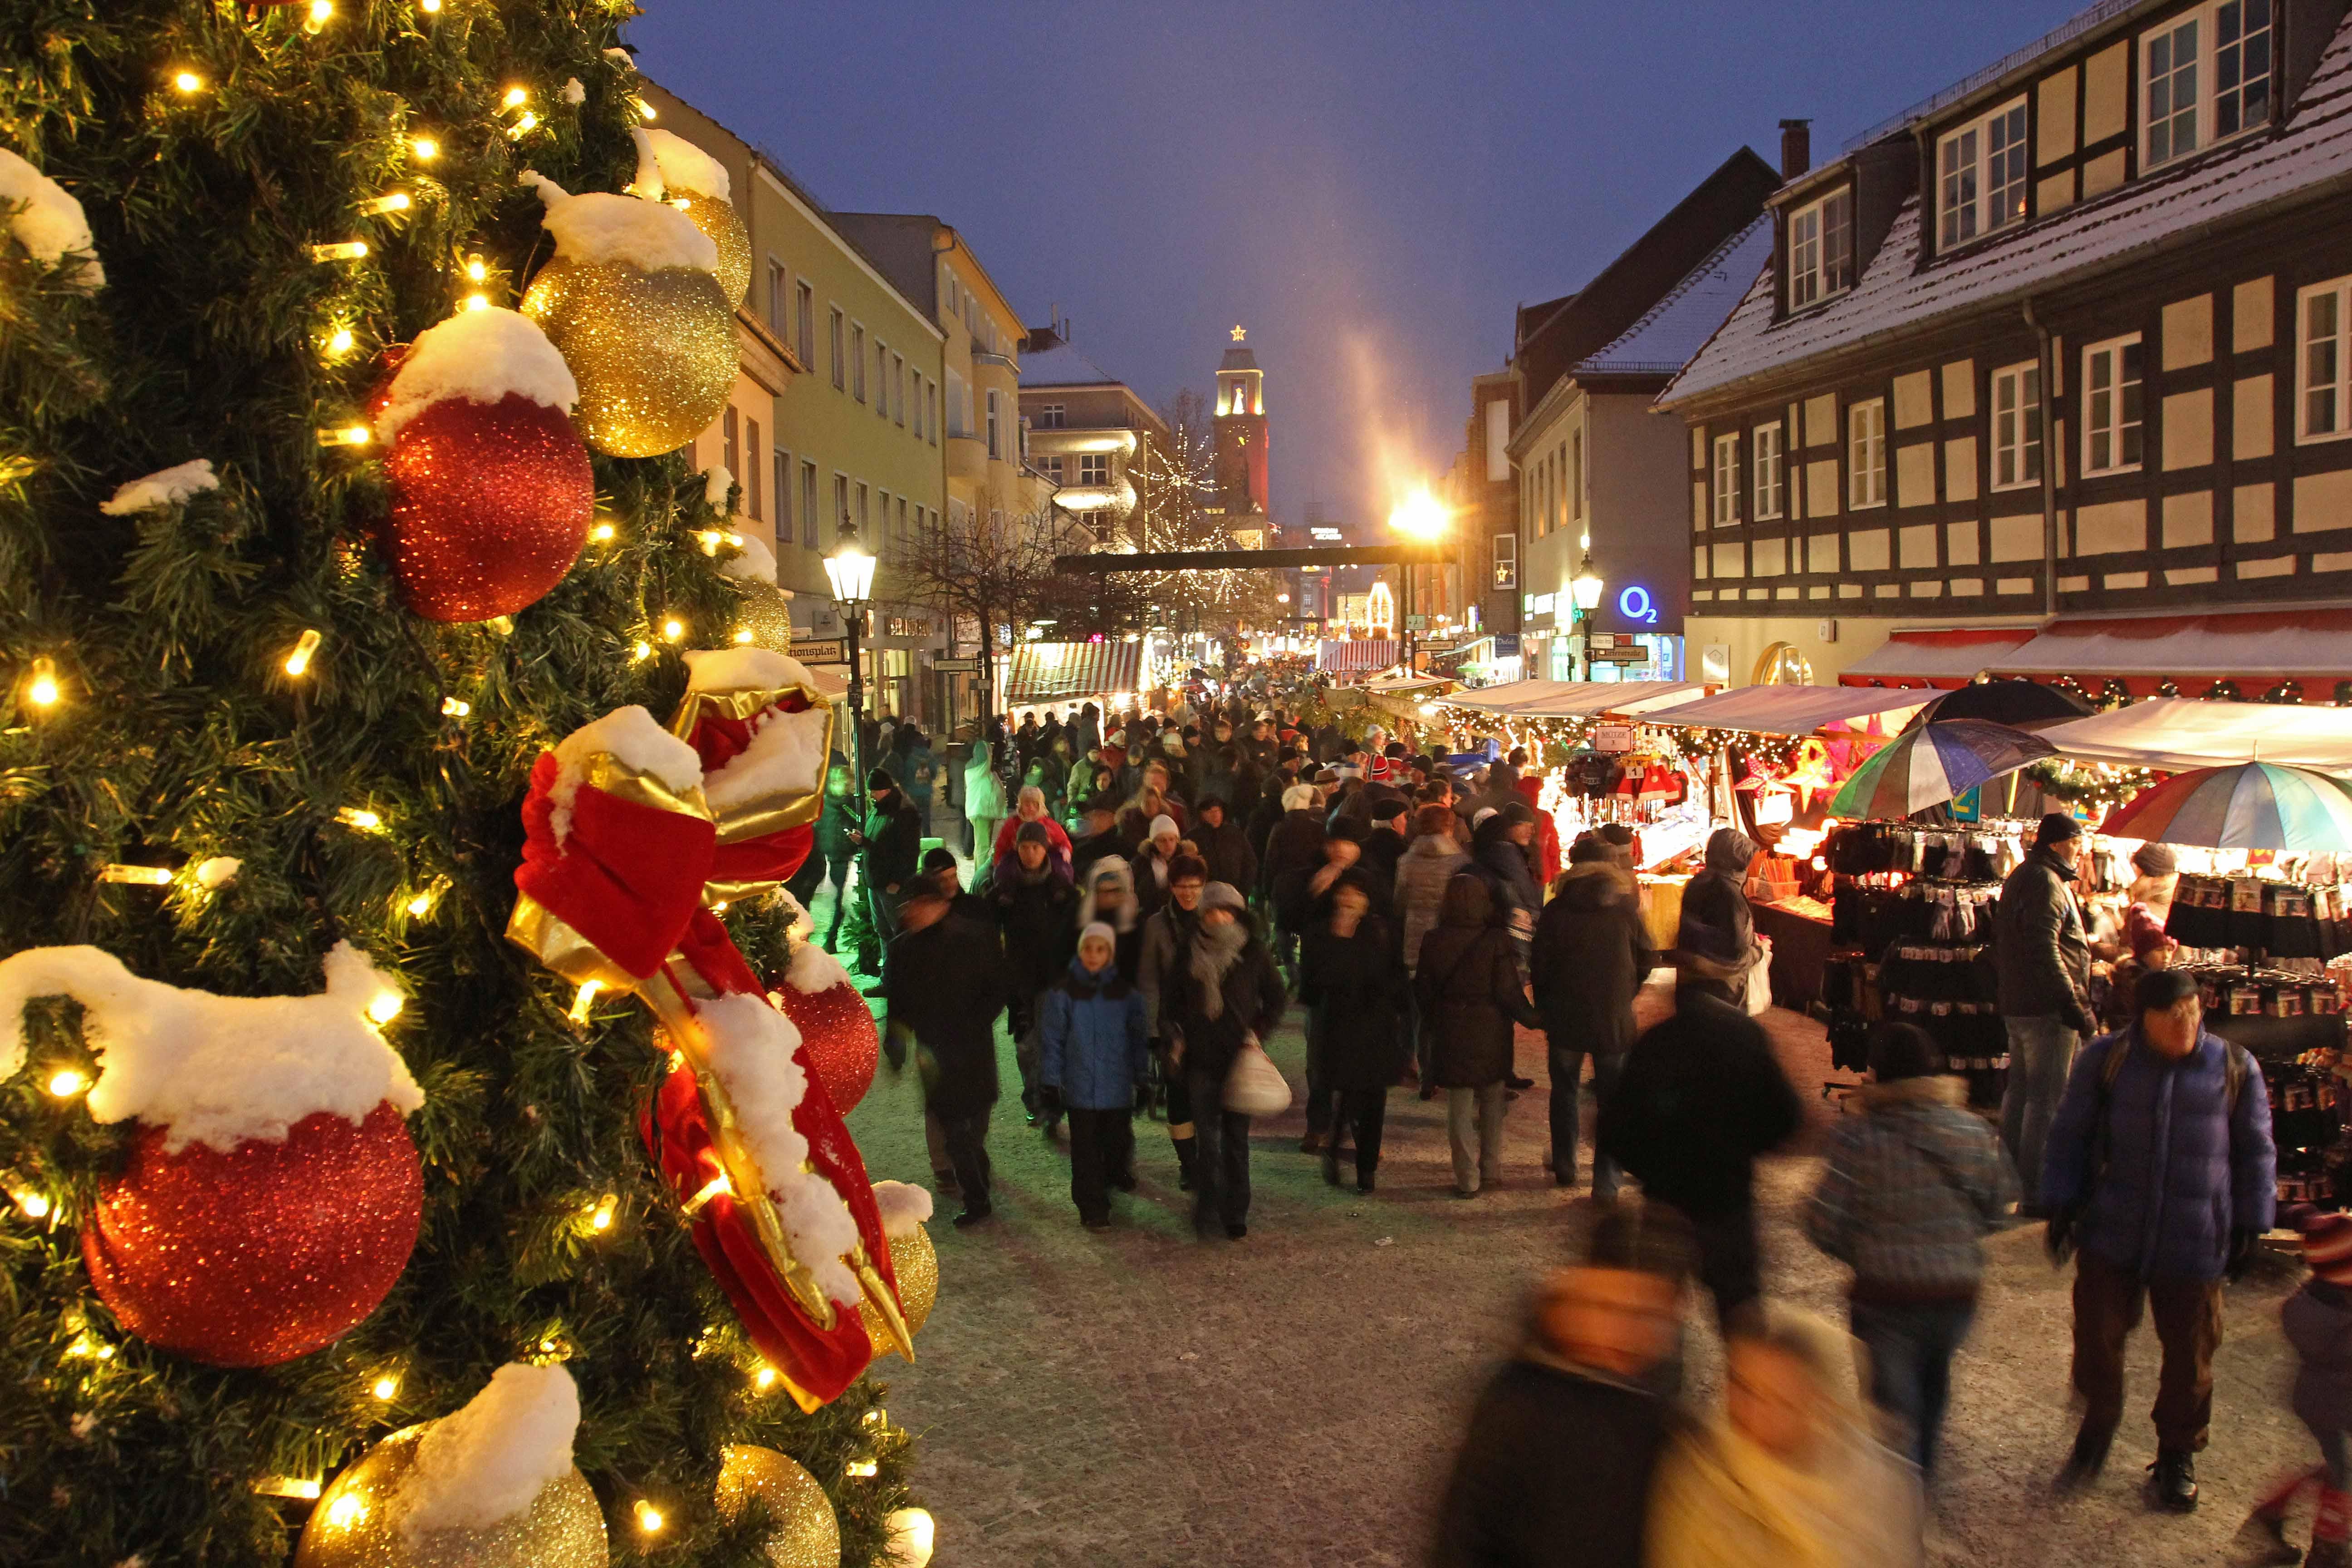 Hektik und Gemütlichkeit auf einmal: Ein klassischer Blick auf Berliner Weihnachtsmärkte.Foto: Raimund Müller / Partner für Spandau GmbH